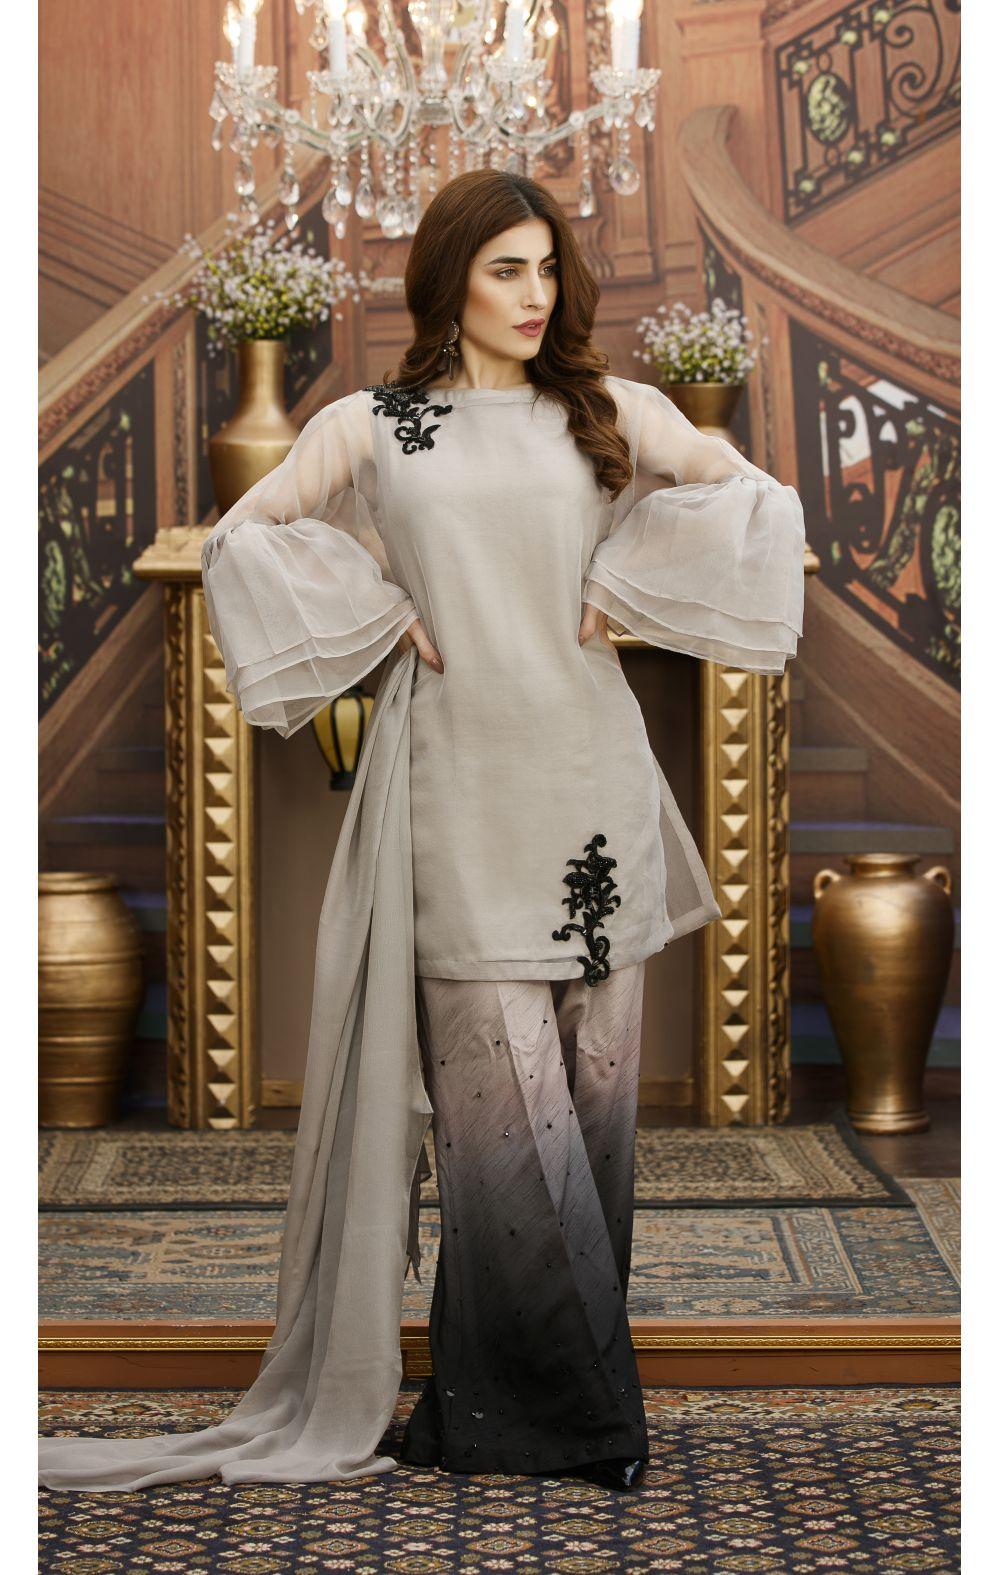 db45fbd51b Pakistani Bridal Party Wear Dresses